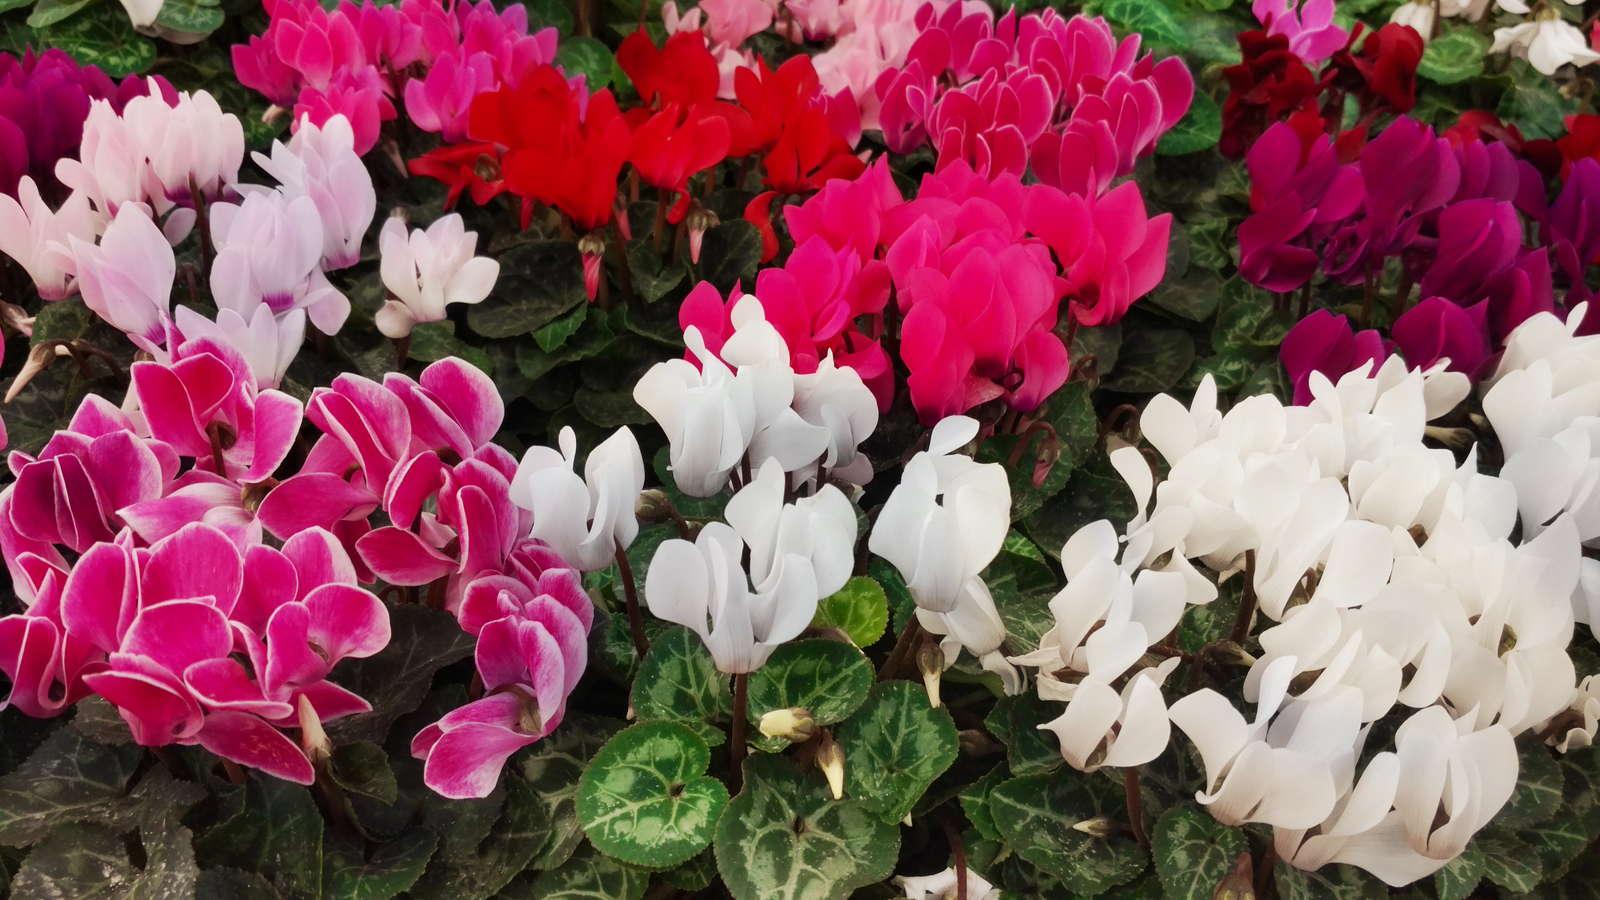 Alpenveilchenarten: Vielfalt zwischen Beet- & Zimmerpflanze - Plantura